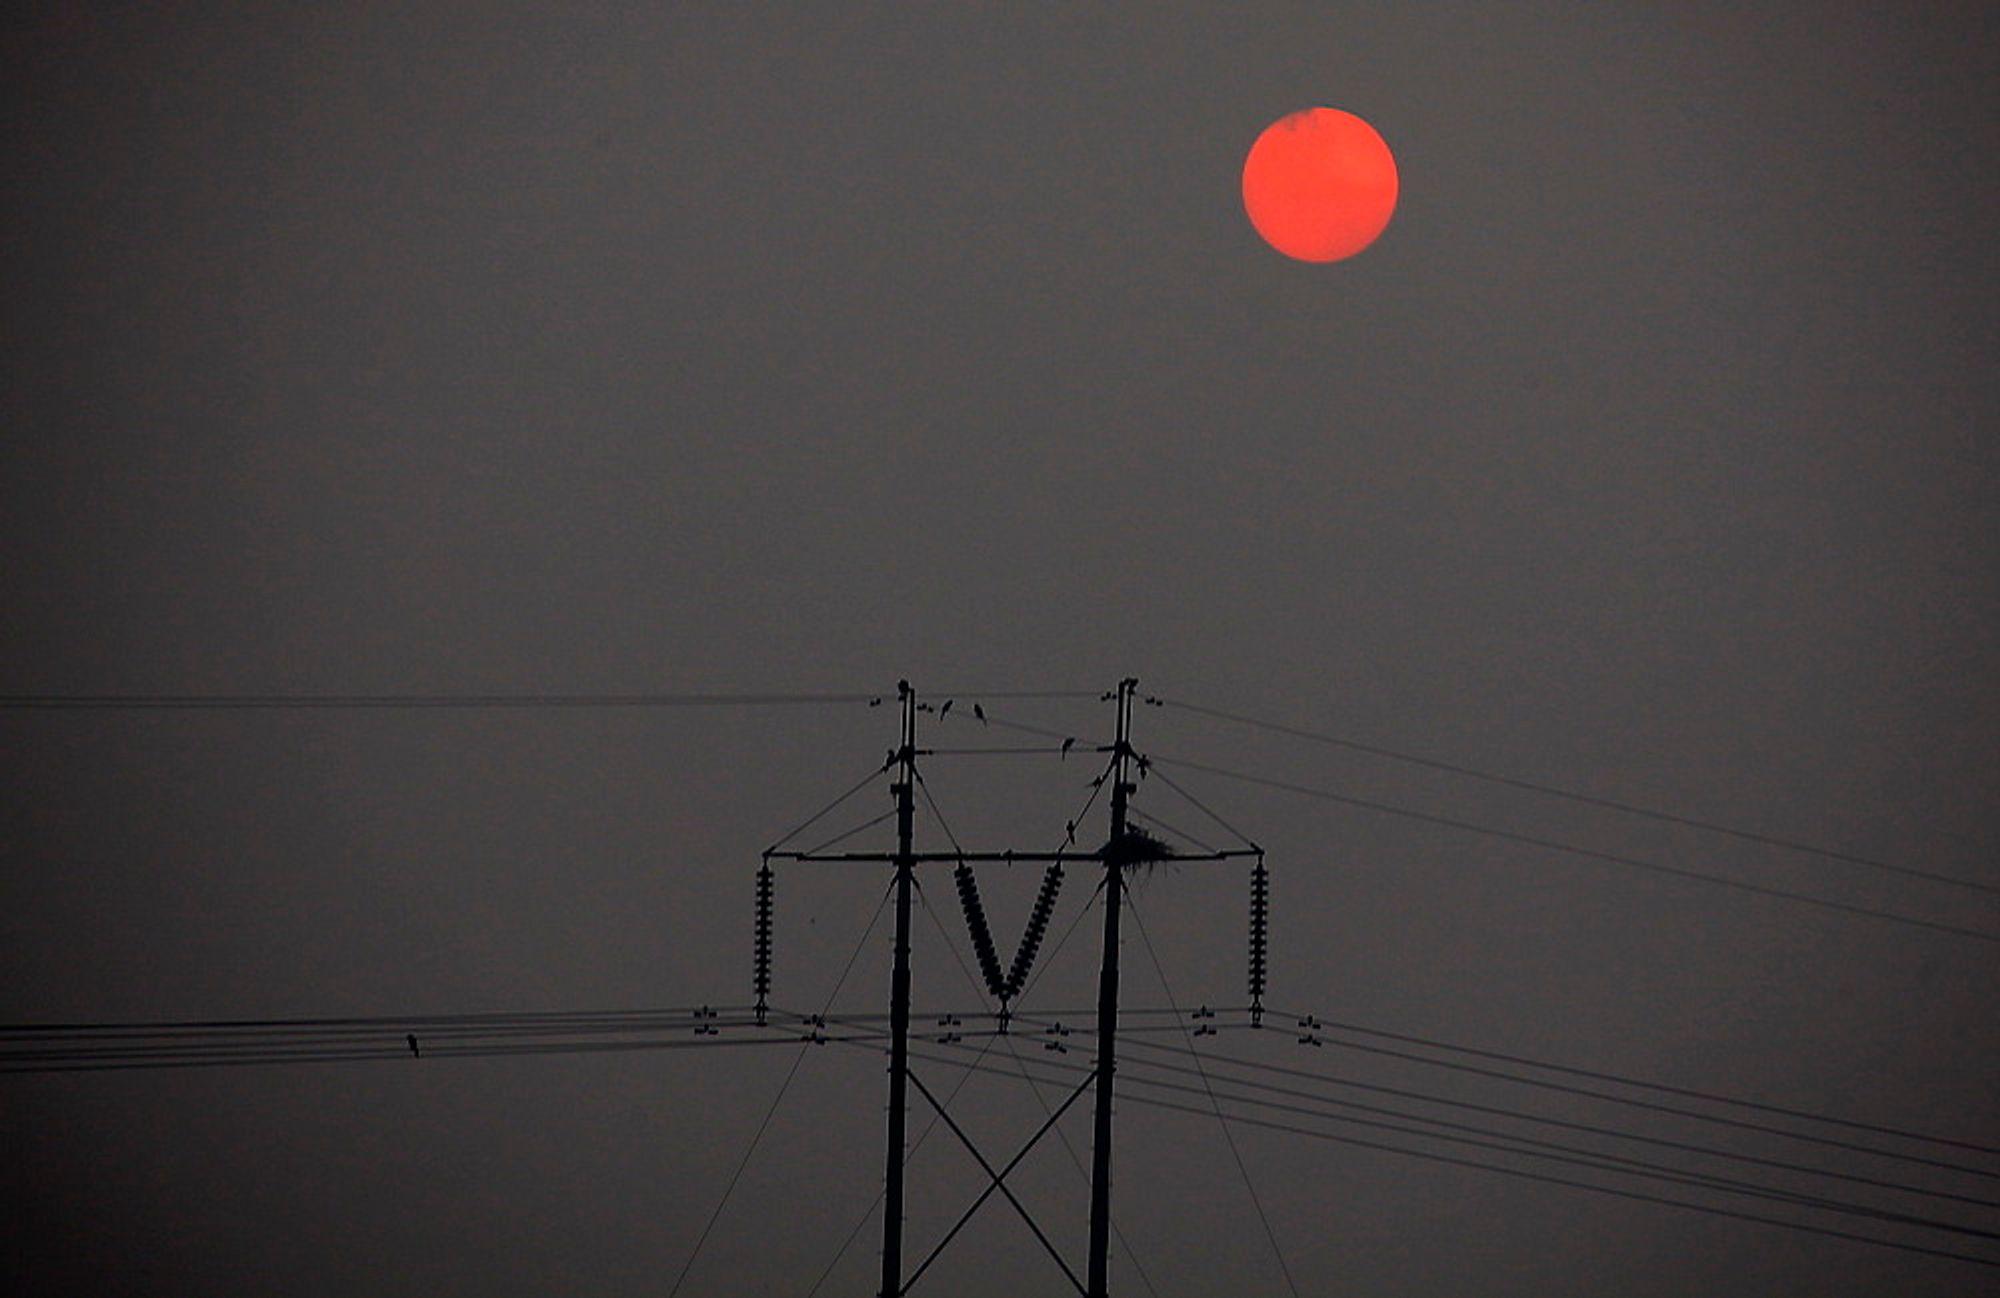 SLIPPER UT MER: Sola står opp og skinner gjennom tykk smog over Beijing. En ny rapport viser at Kinas utslipp av karbondioksid er på linje med utslippene fra EU. Kinas utslipp fortsetter å vokse og økte med 9 prosent i 2011.